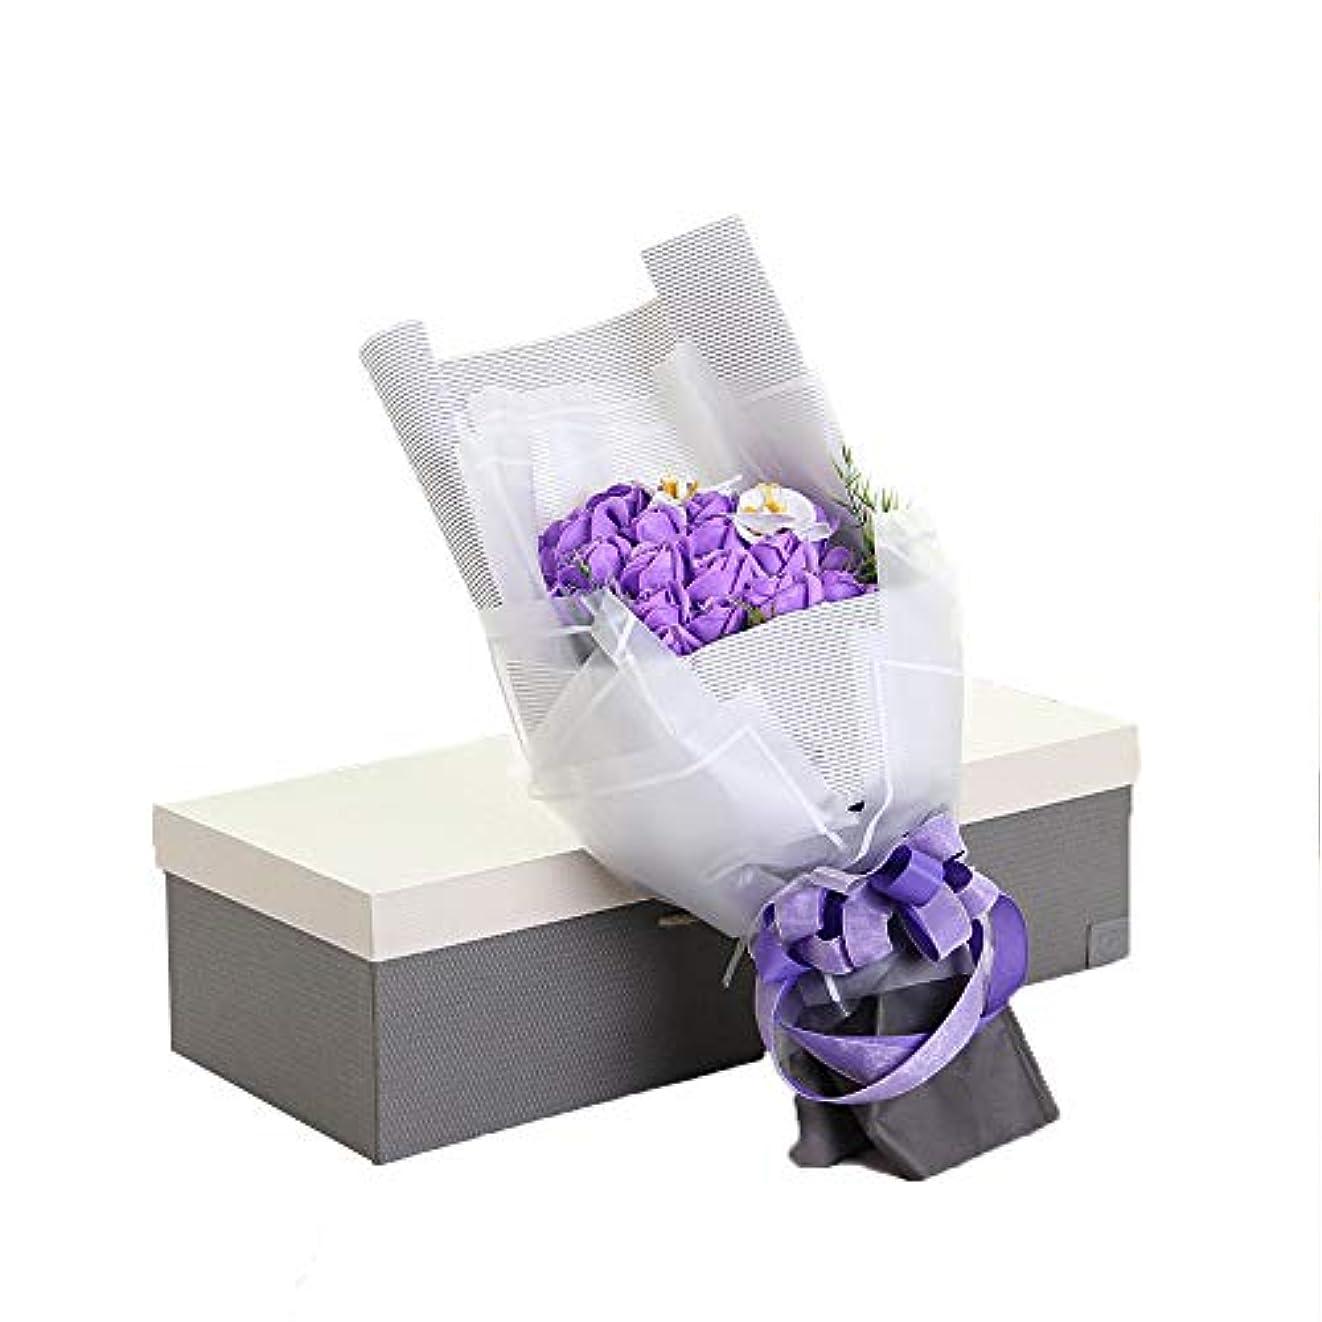 抑制する強化する指定手作り29石鹸花の花束ギフトボックス、女性のためのギフトバレンタインデー、母の日、結婚式、クリスマス、誕生日(ベアカラーランダム) (色 : 紫の)